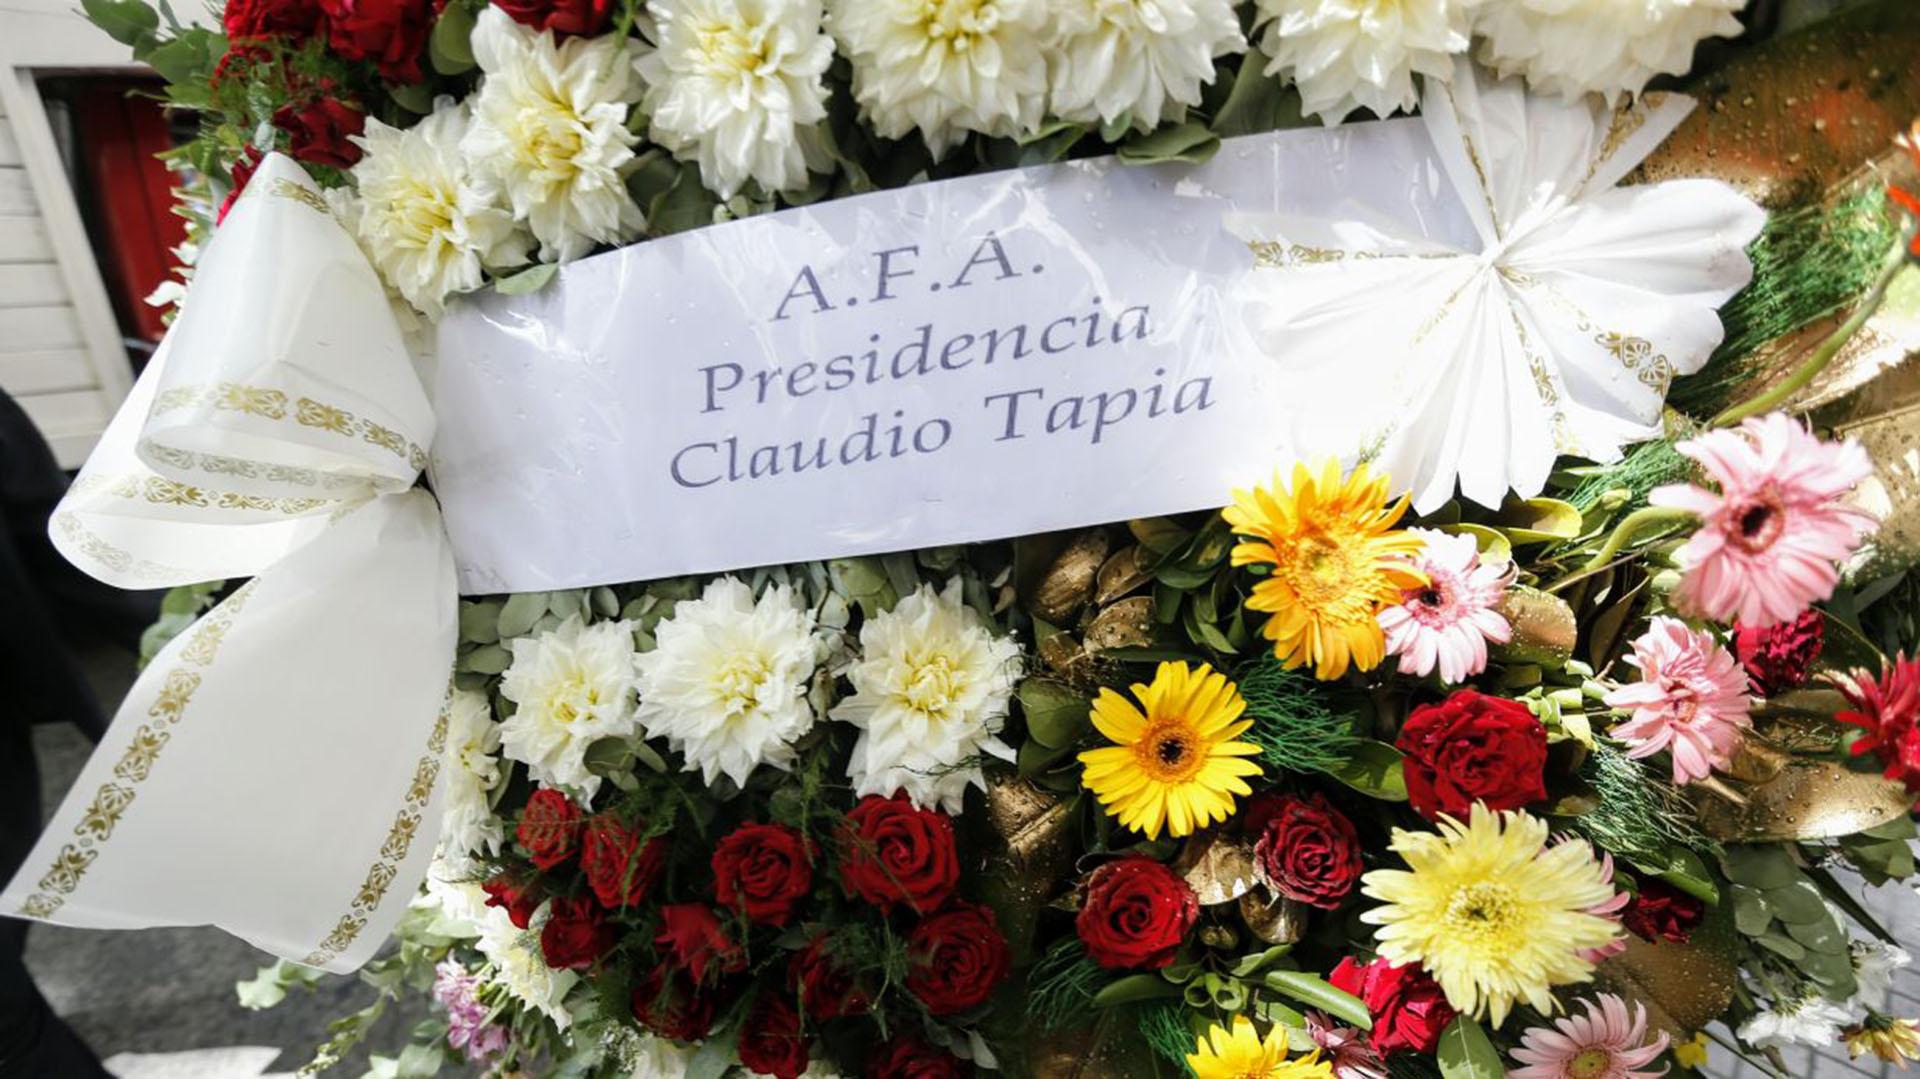 El Presidente de la AFA también envió flores